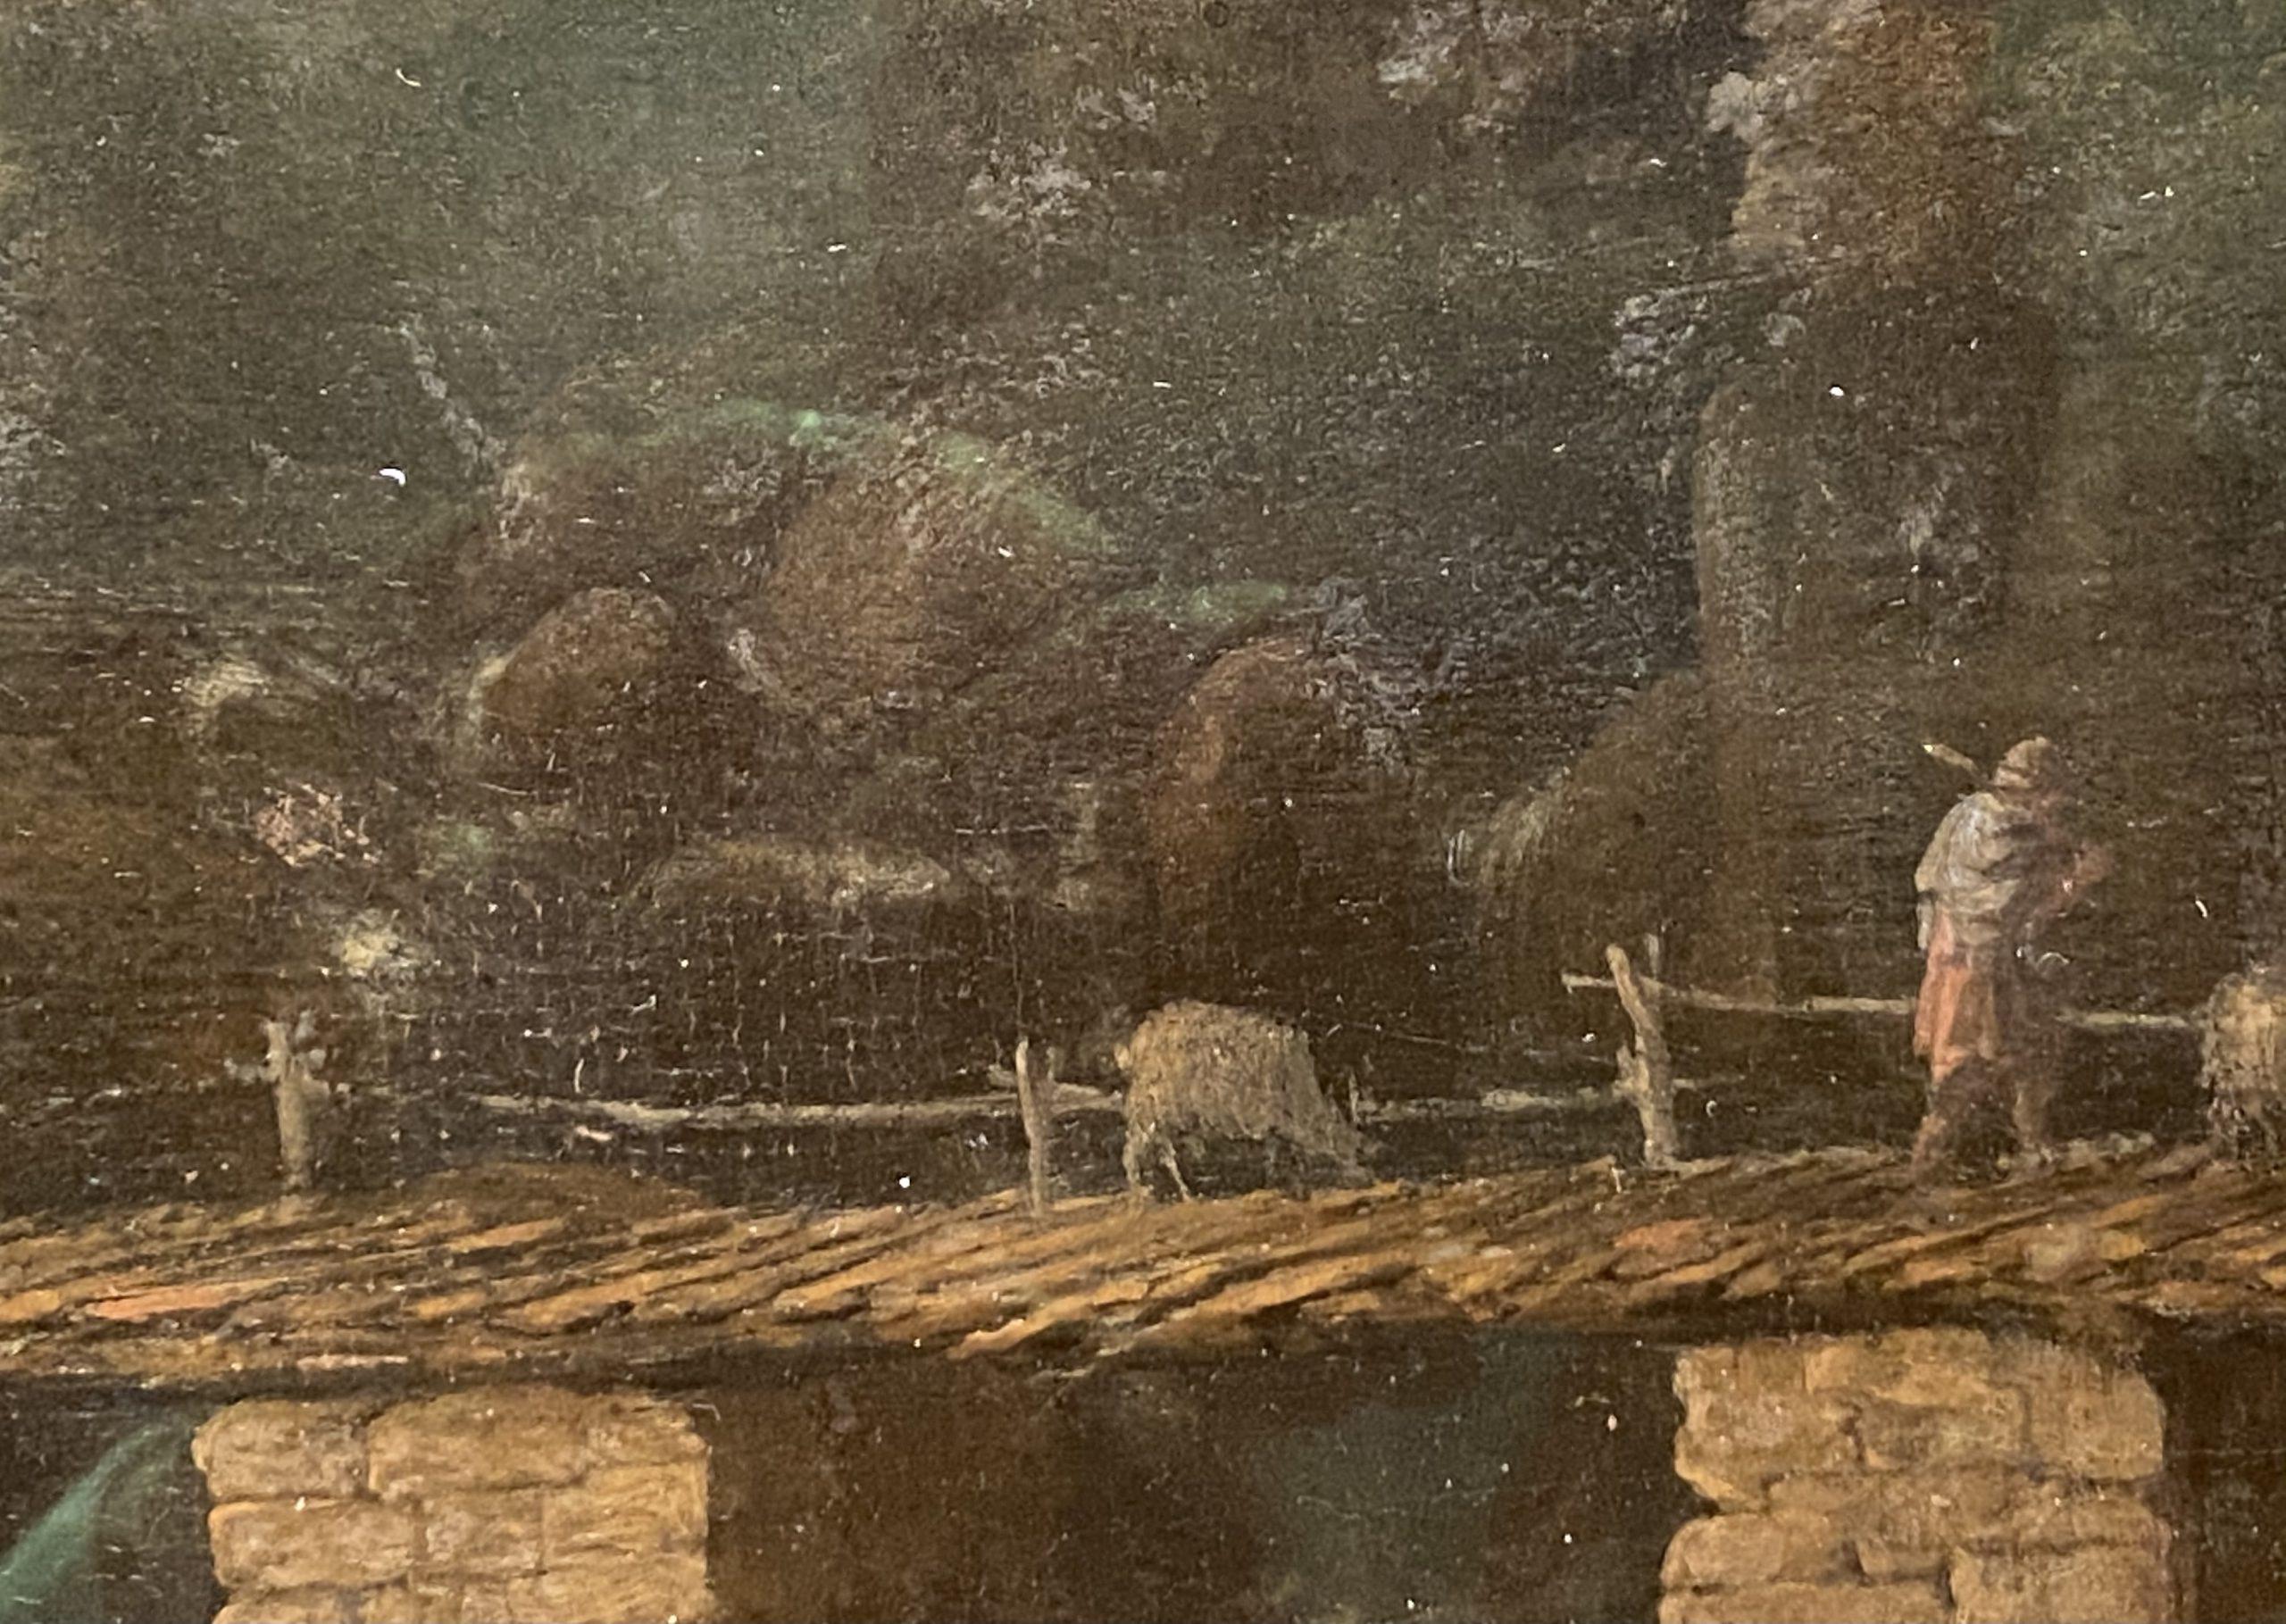 エジプトへ逃げ-クロード・ロレイン-イタリア-特別展【光影浮空-欧州絵画500年】-成都博物館